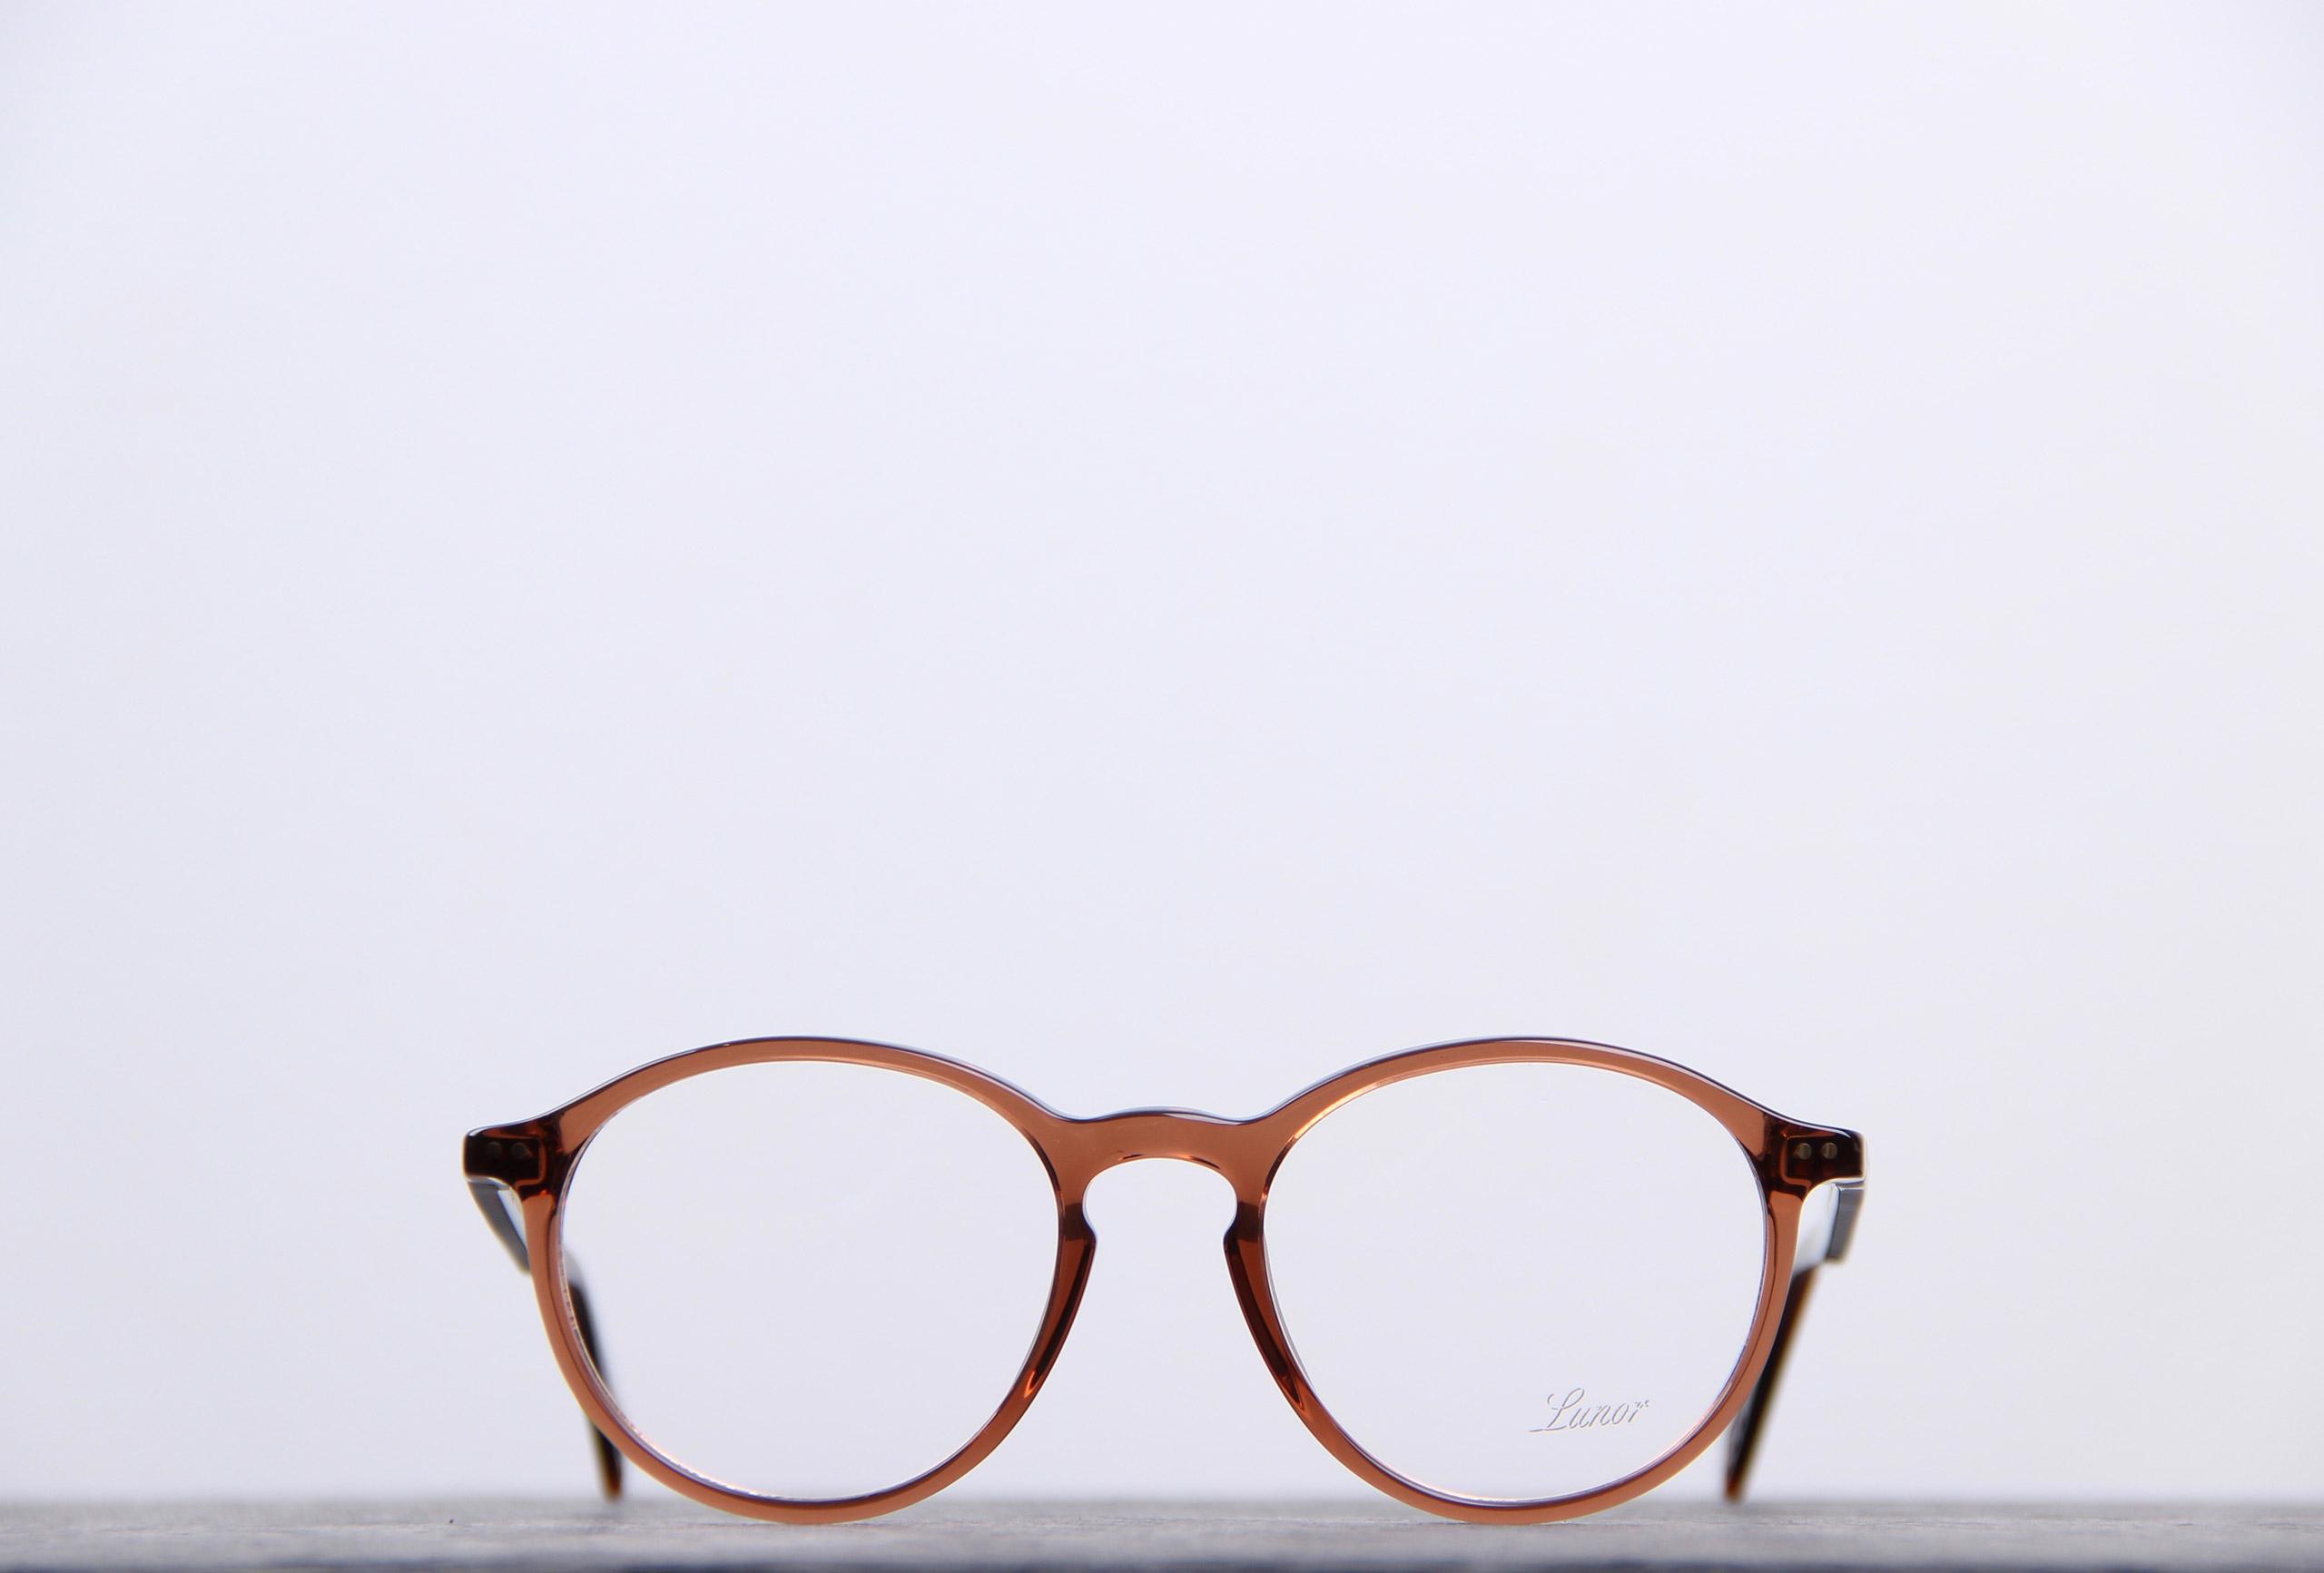 lunor lunettes vue pantos cognac